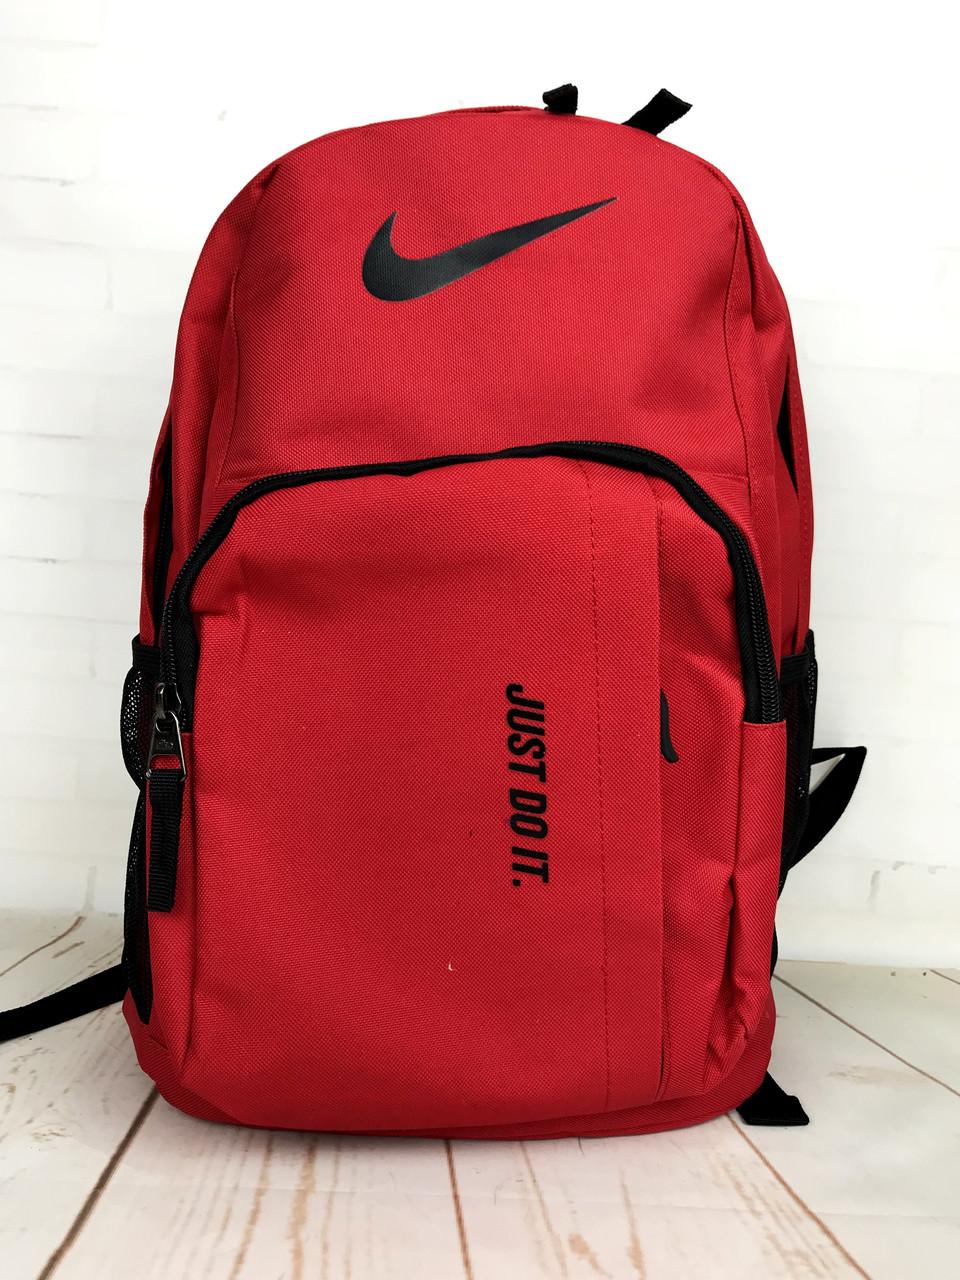 e4b030c3ad63 Небольшой рюкзак NIKE. Городской спортивный рюкзак. Красный РК12-1 -  интернет-магазин